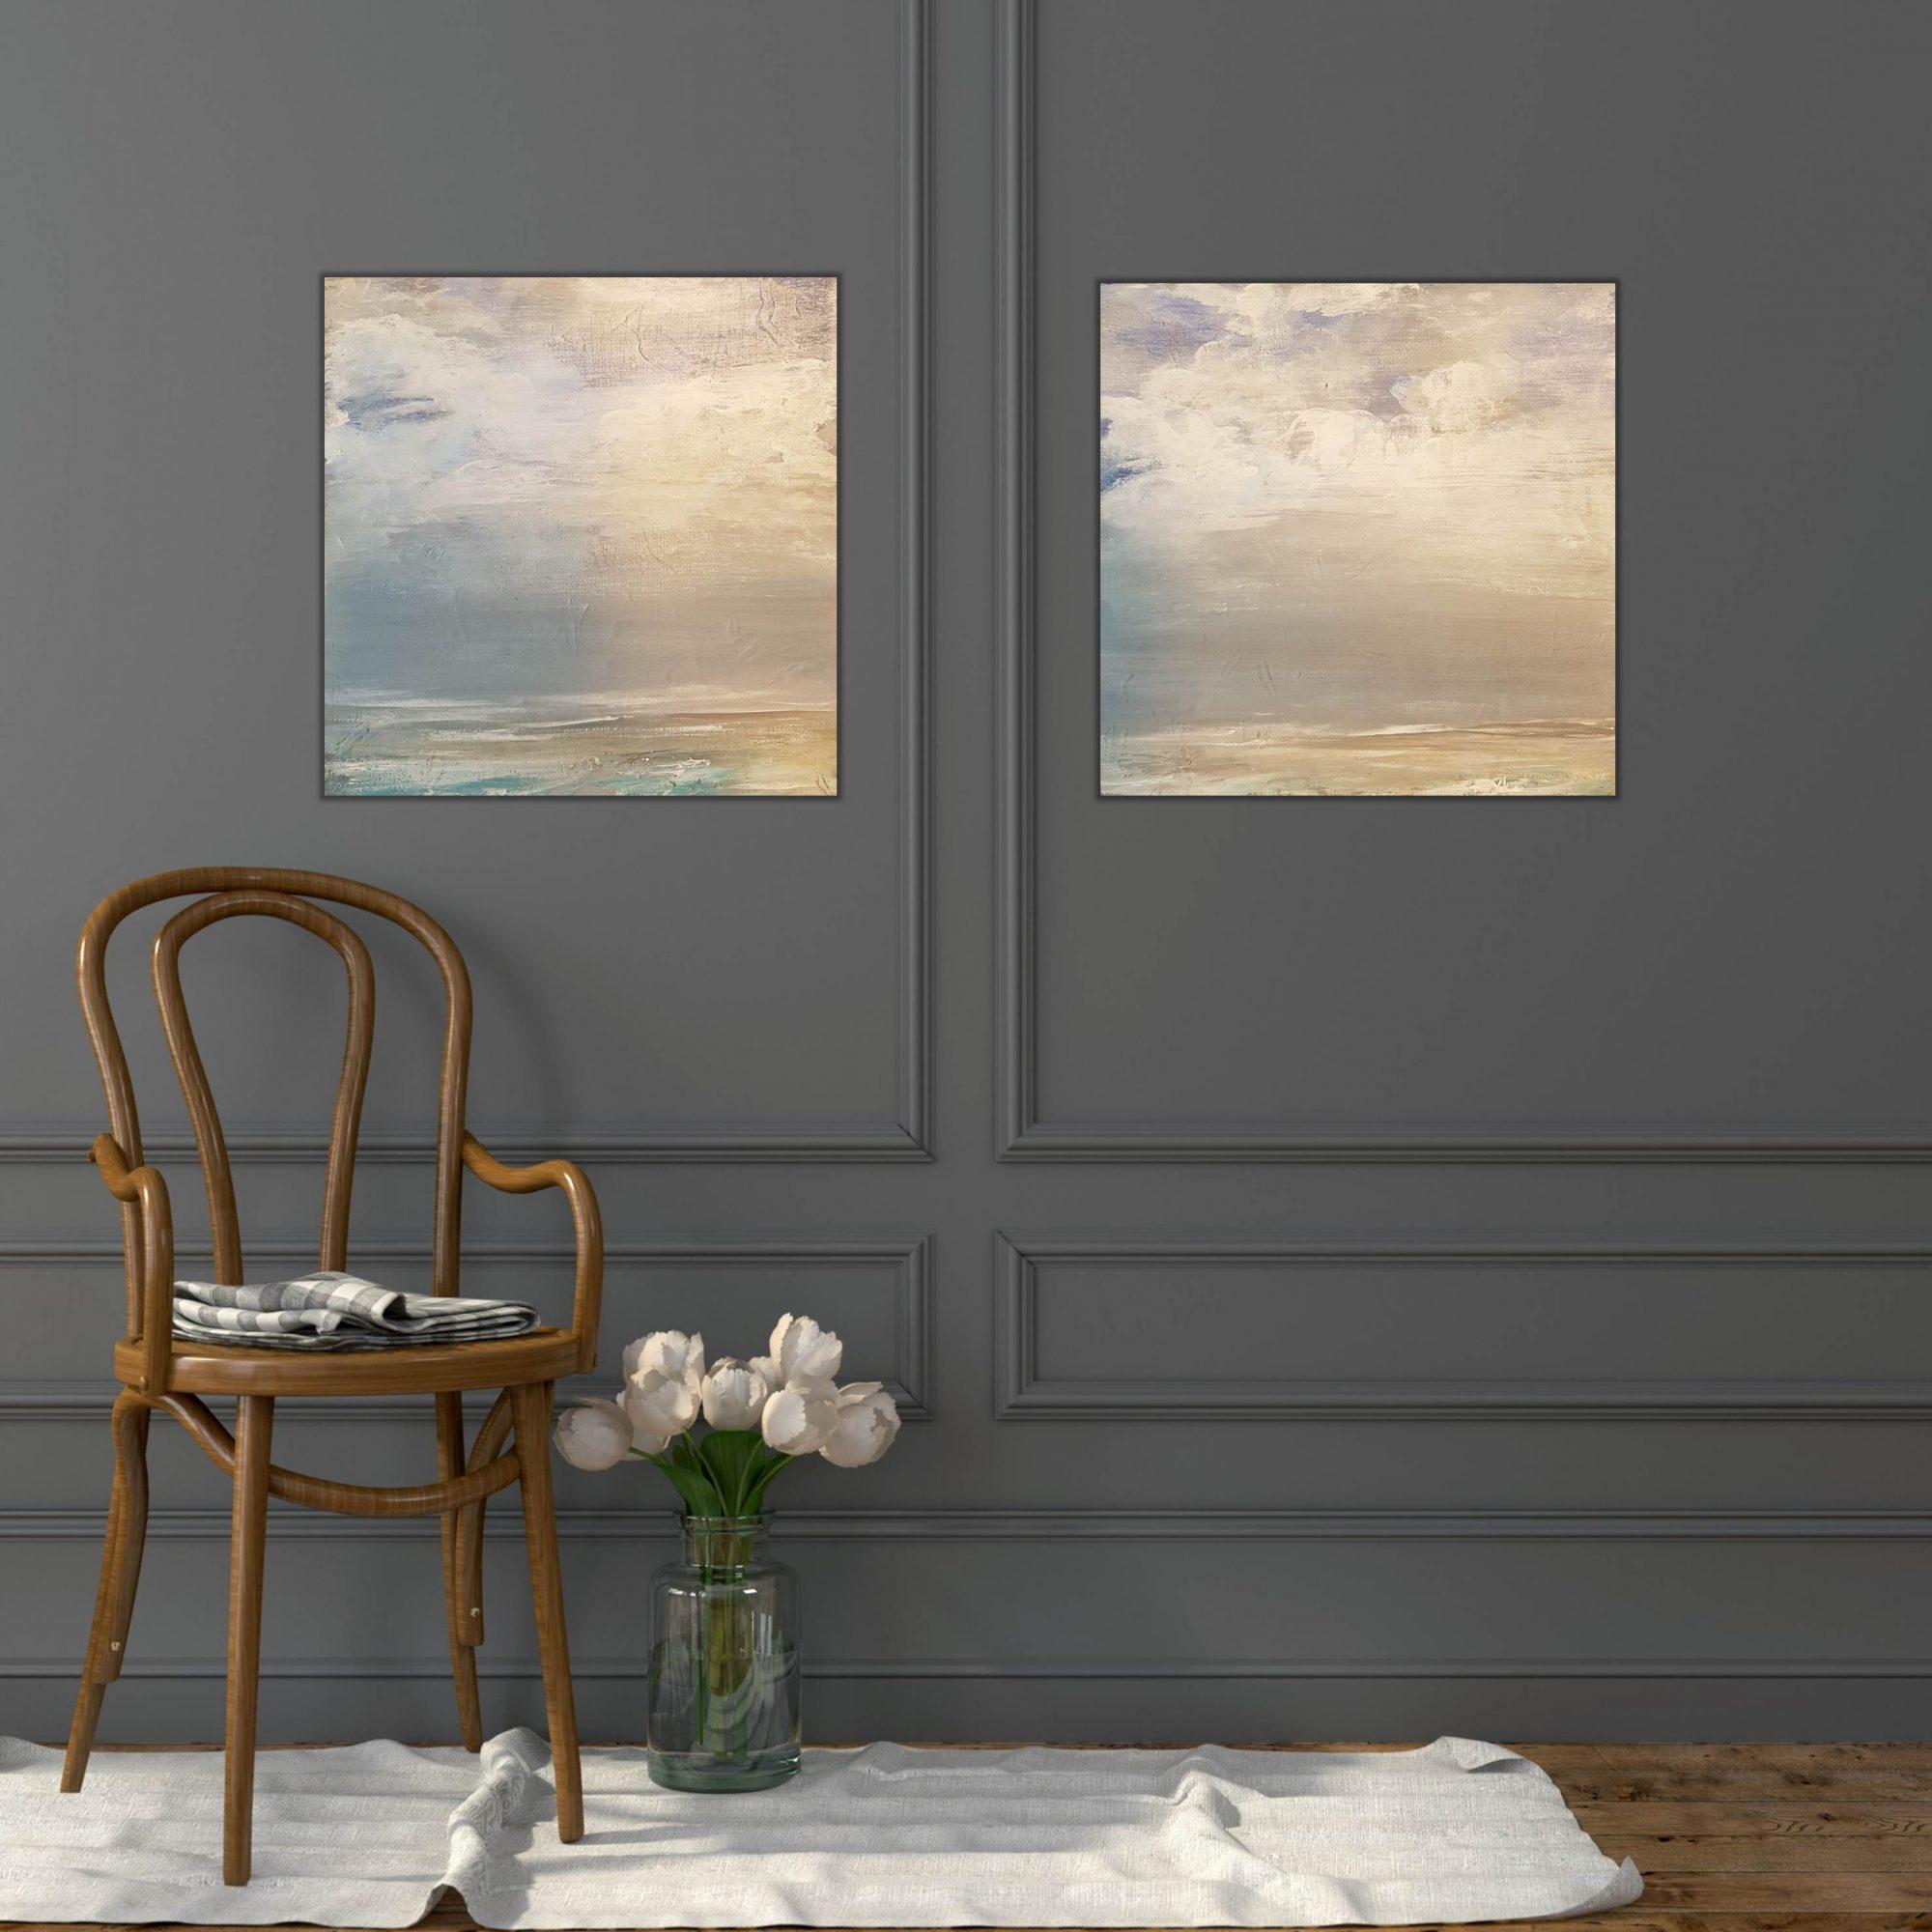 coastal-side-by-side